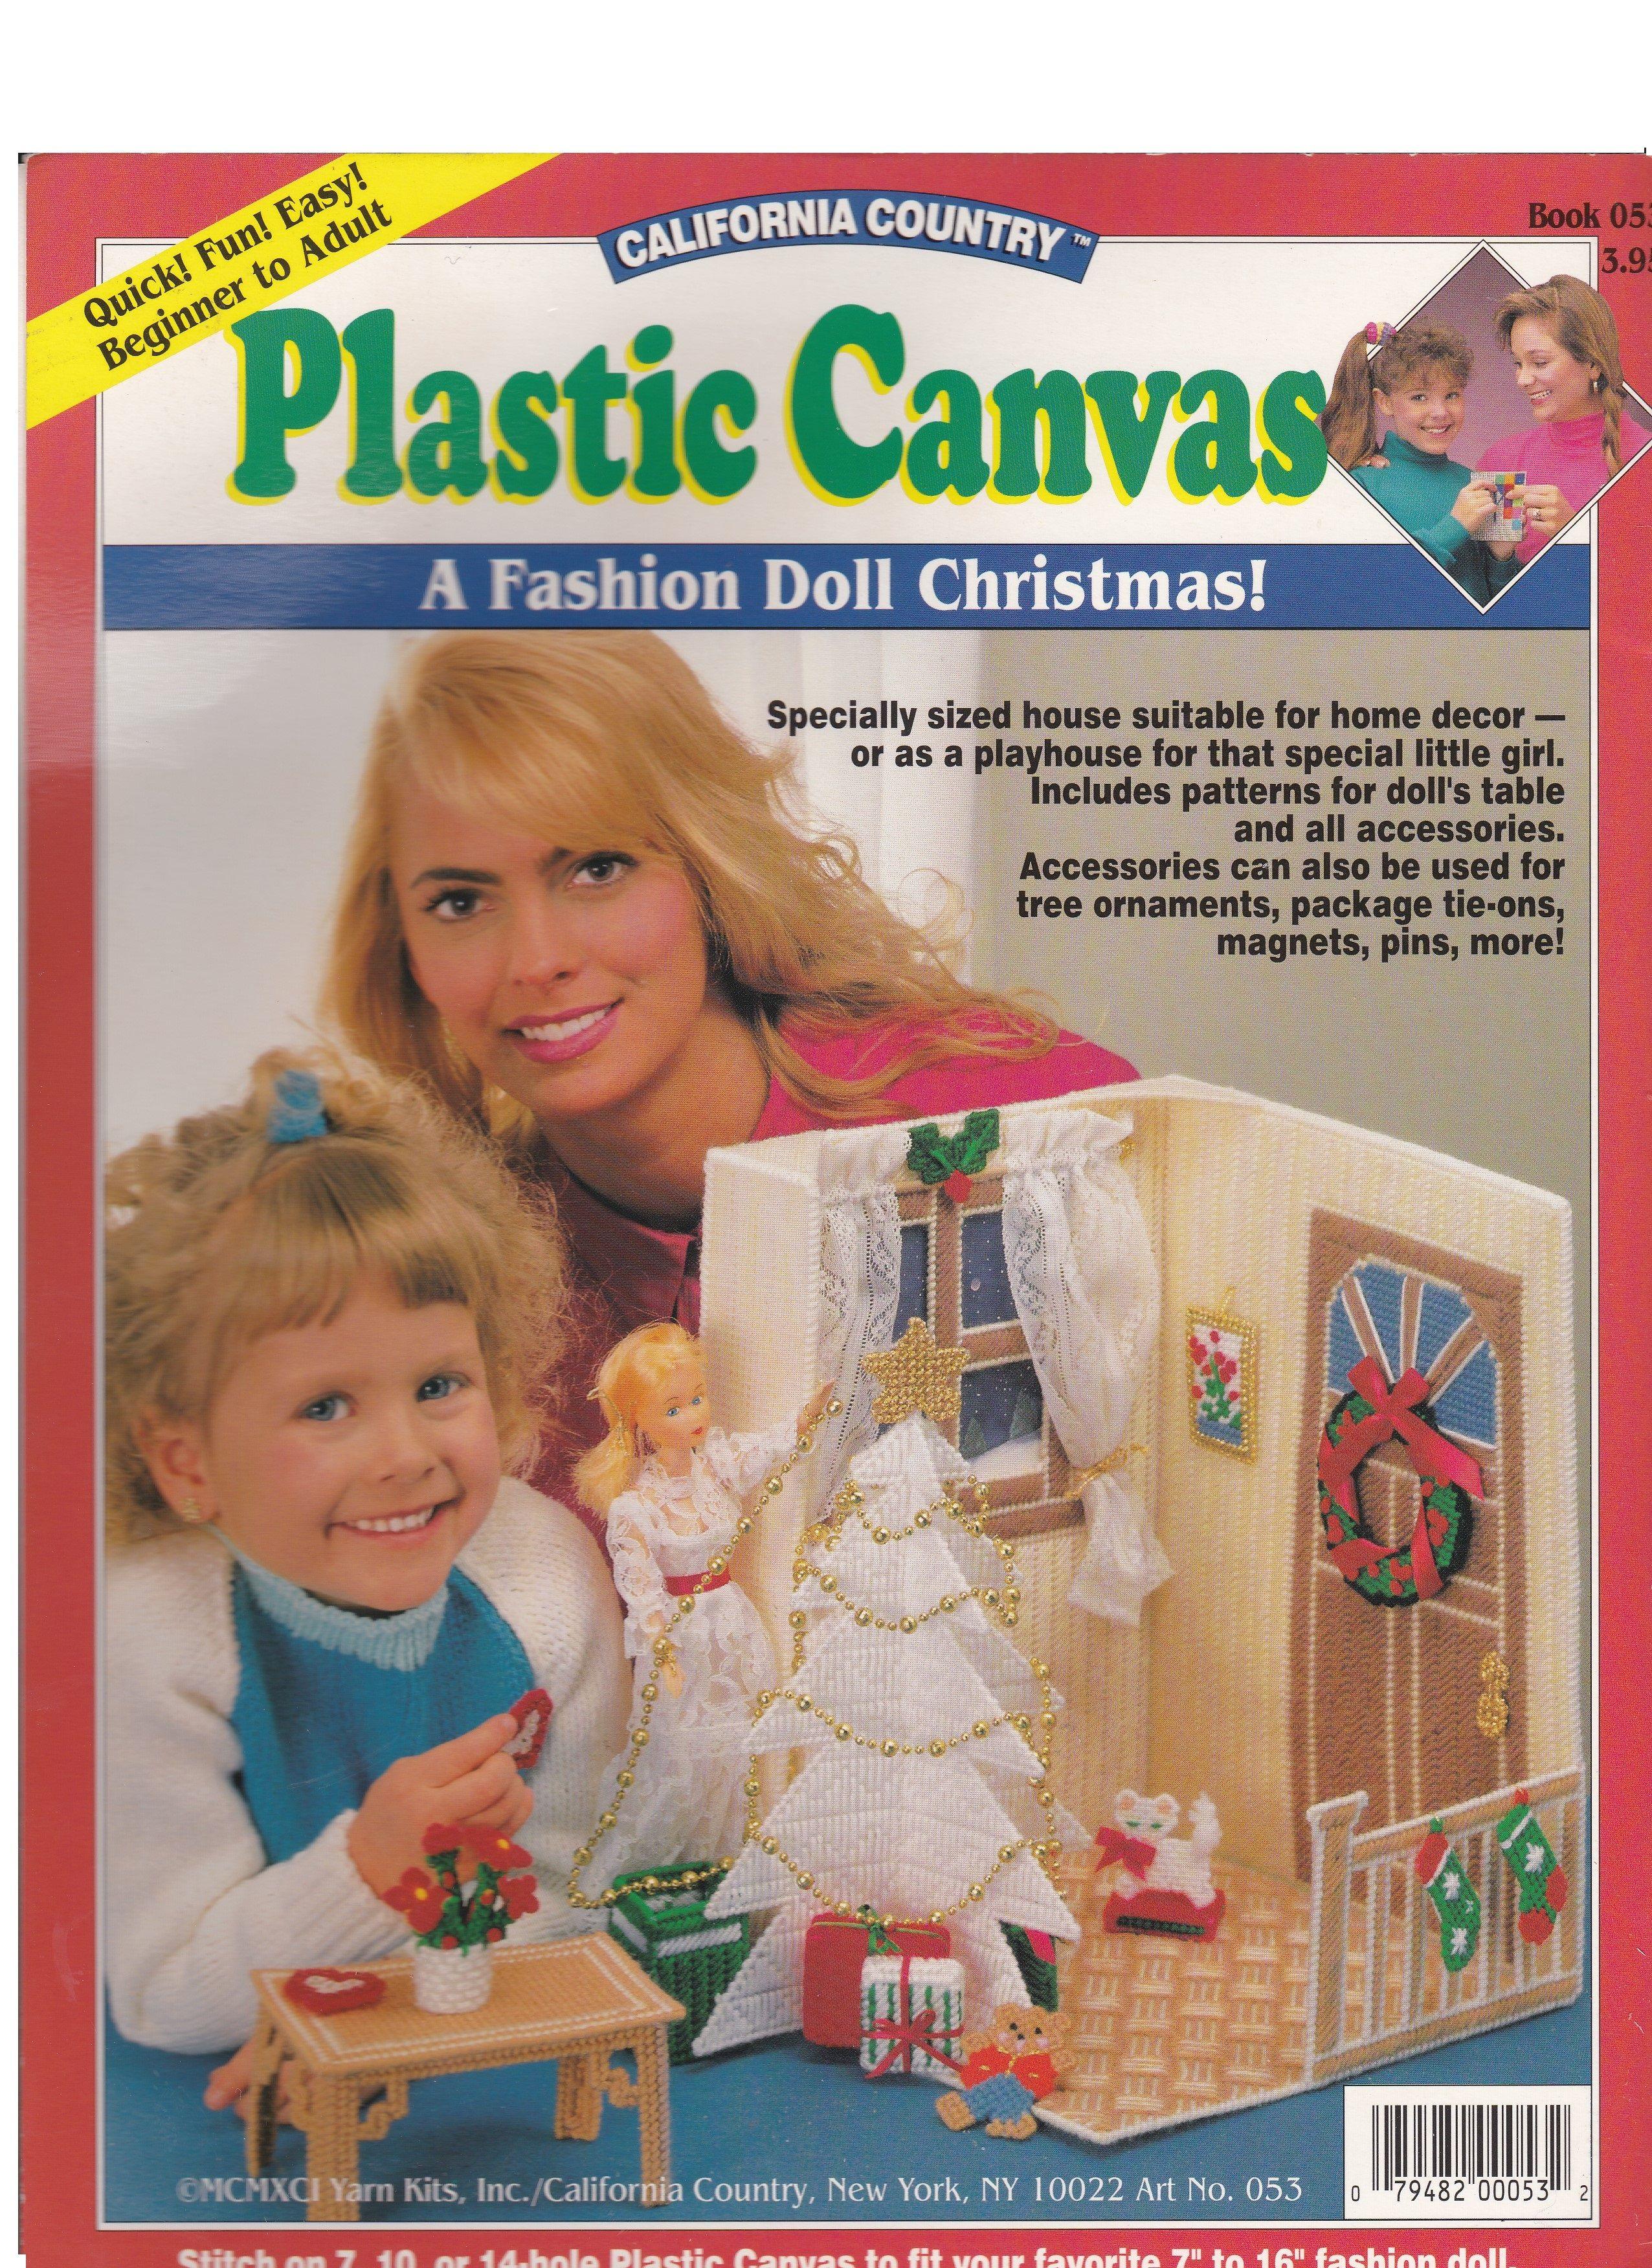 Fashion Doll Christmas Pg. 1/10